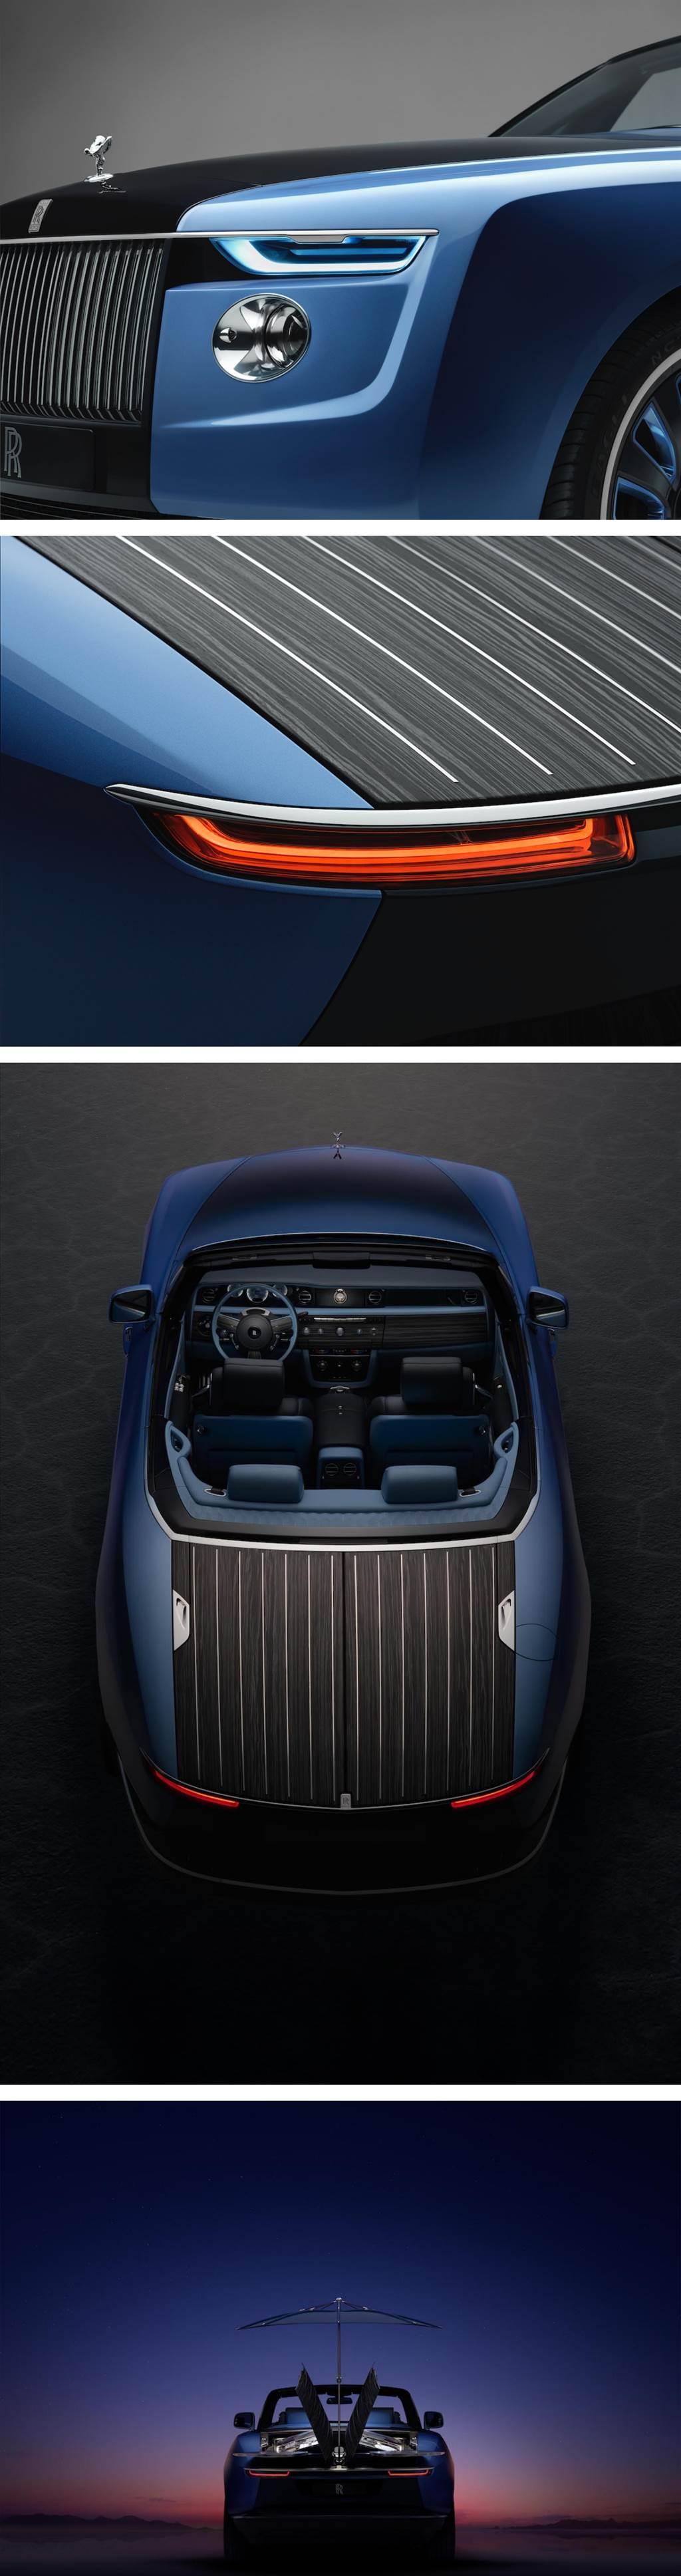 呈獻 30 年代船型車體的絕美姿態,Rolls-Royce Coachbulid 客製化業務第二號 Boat Tail 正式亮相